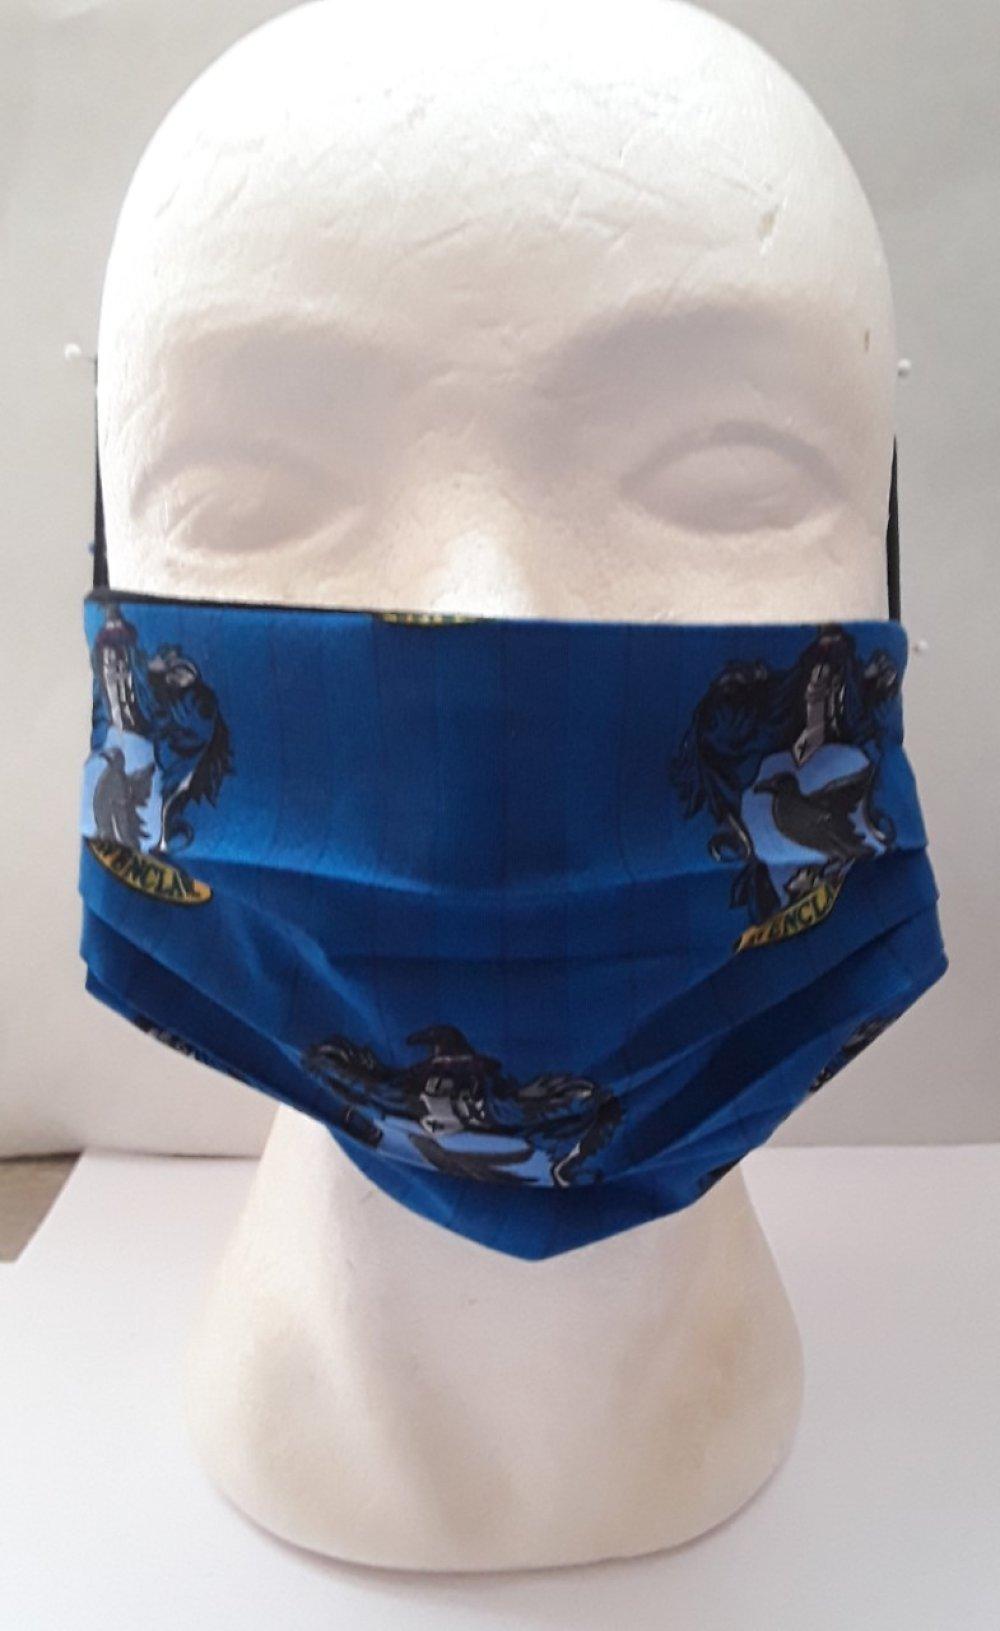 Masque de visage harry potter, l'école Poudlard , coton , masque filtrant, poche, filtre , réutilisable, coton , lavable , 2 masques